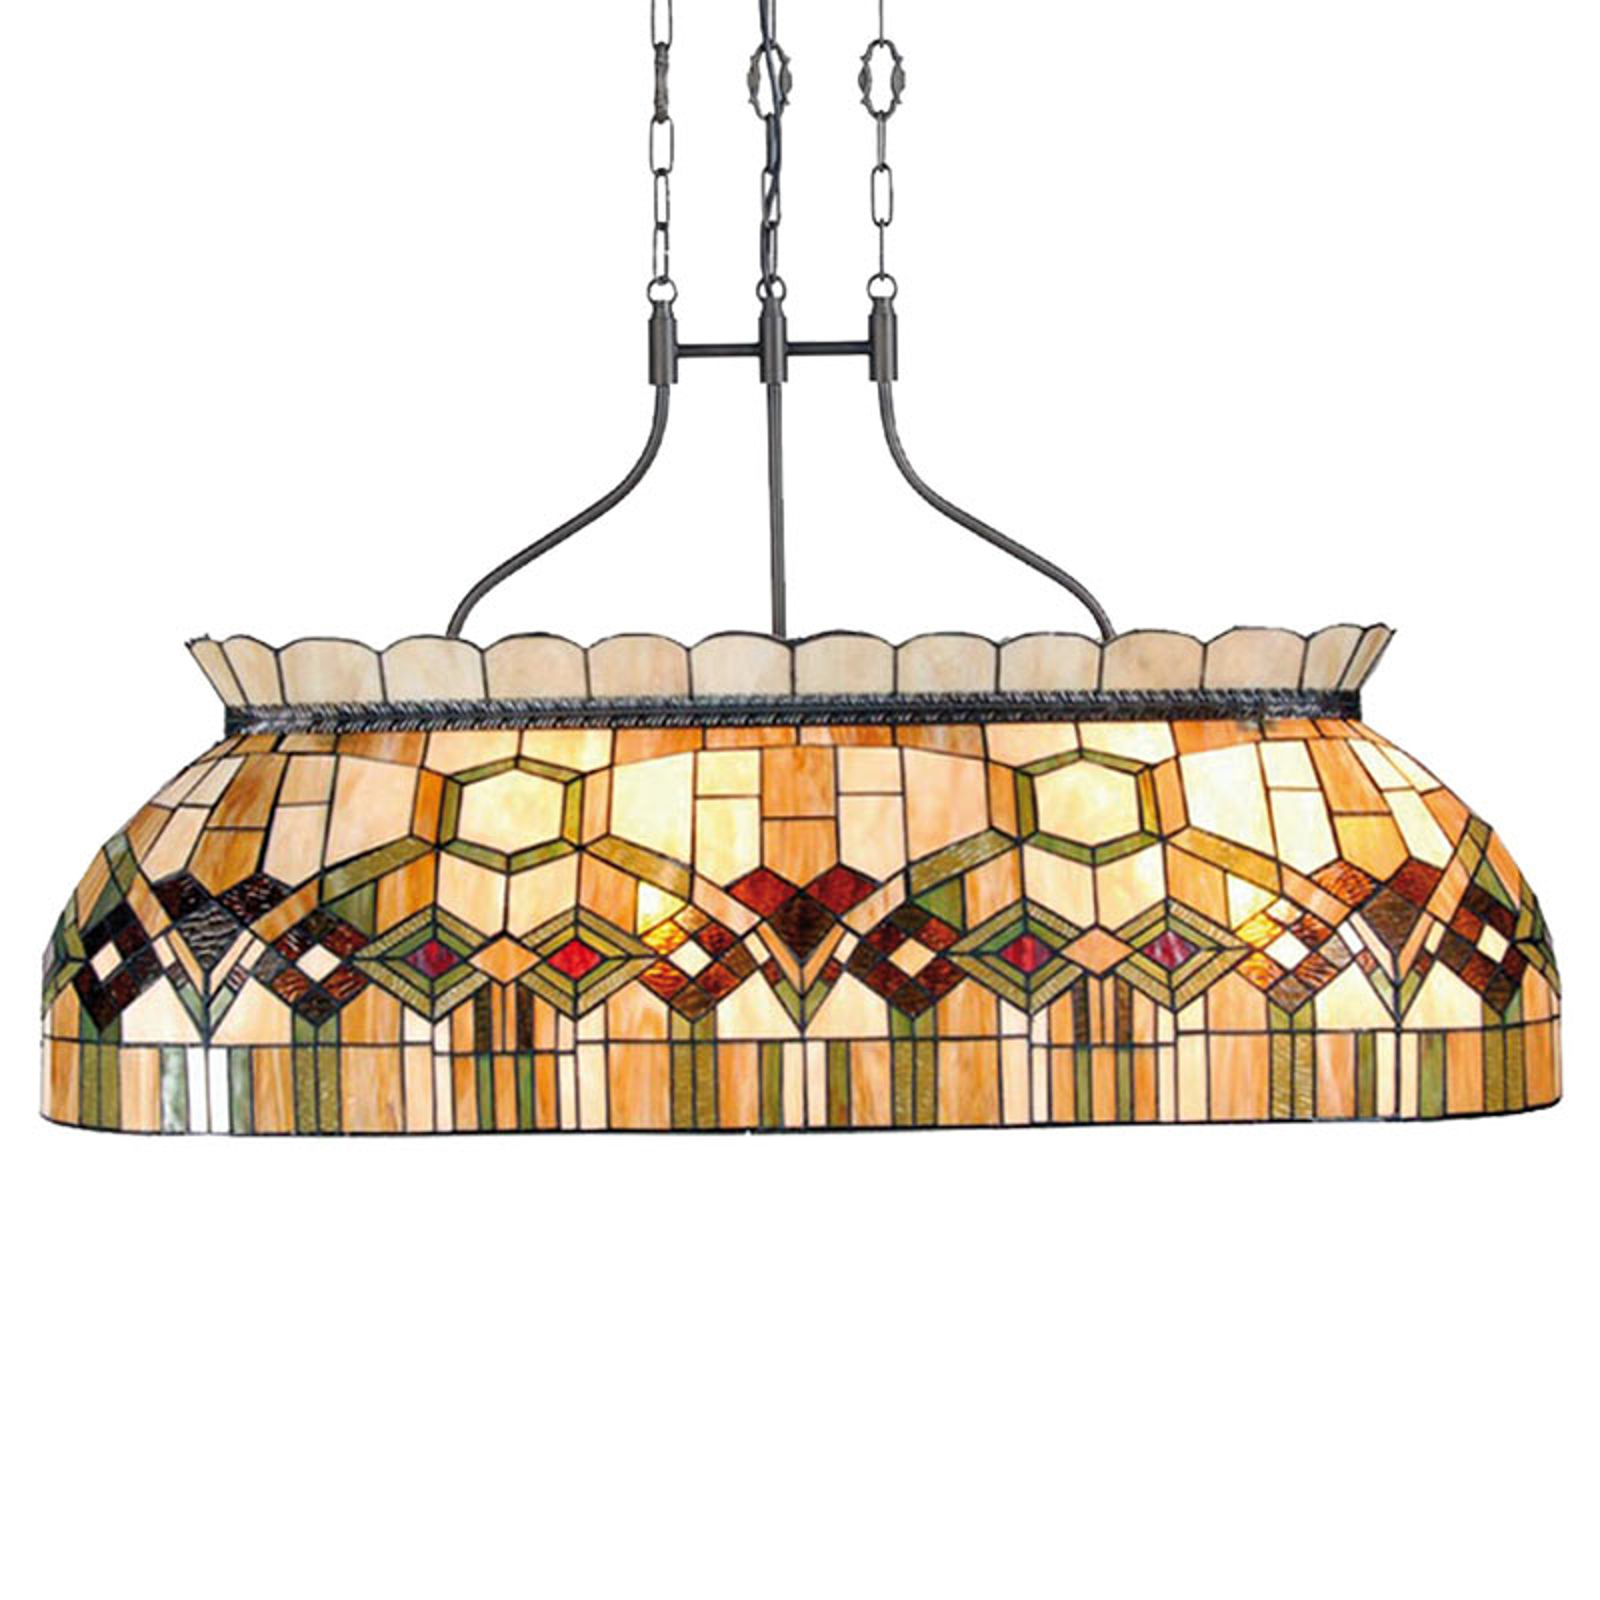 115 cm lange Pendelleuchte Saavik - Tiffany-Stil